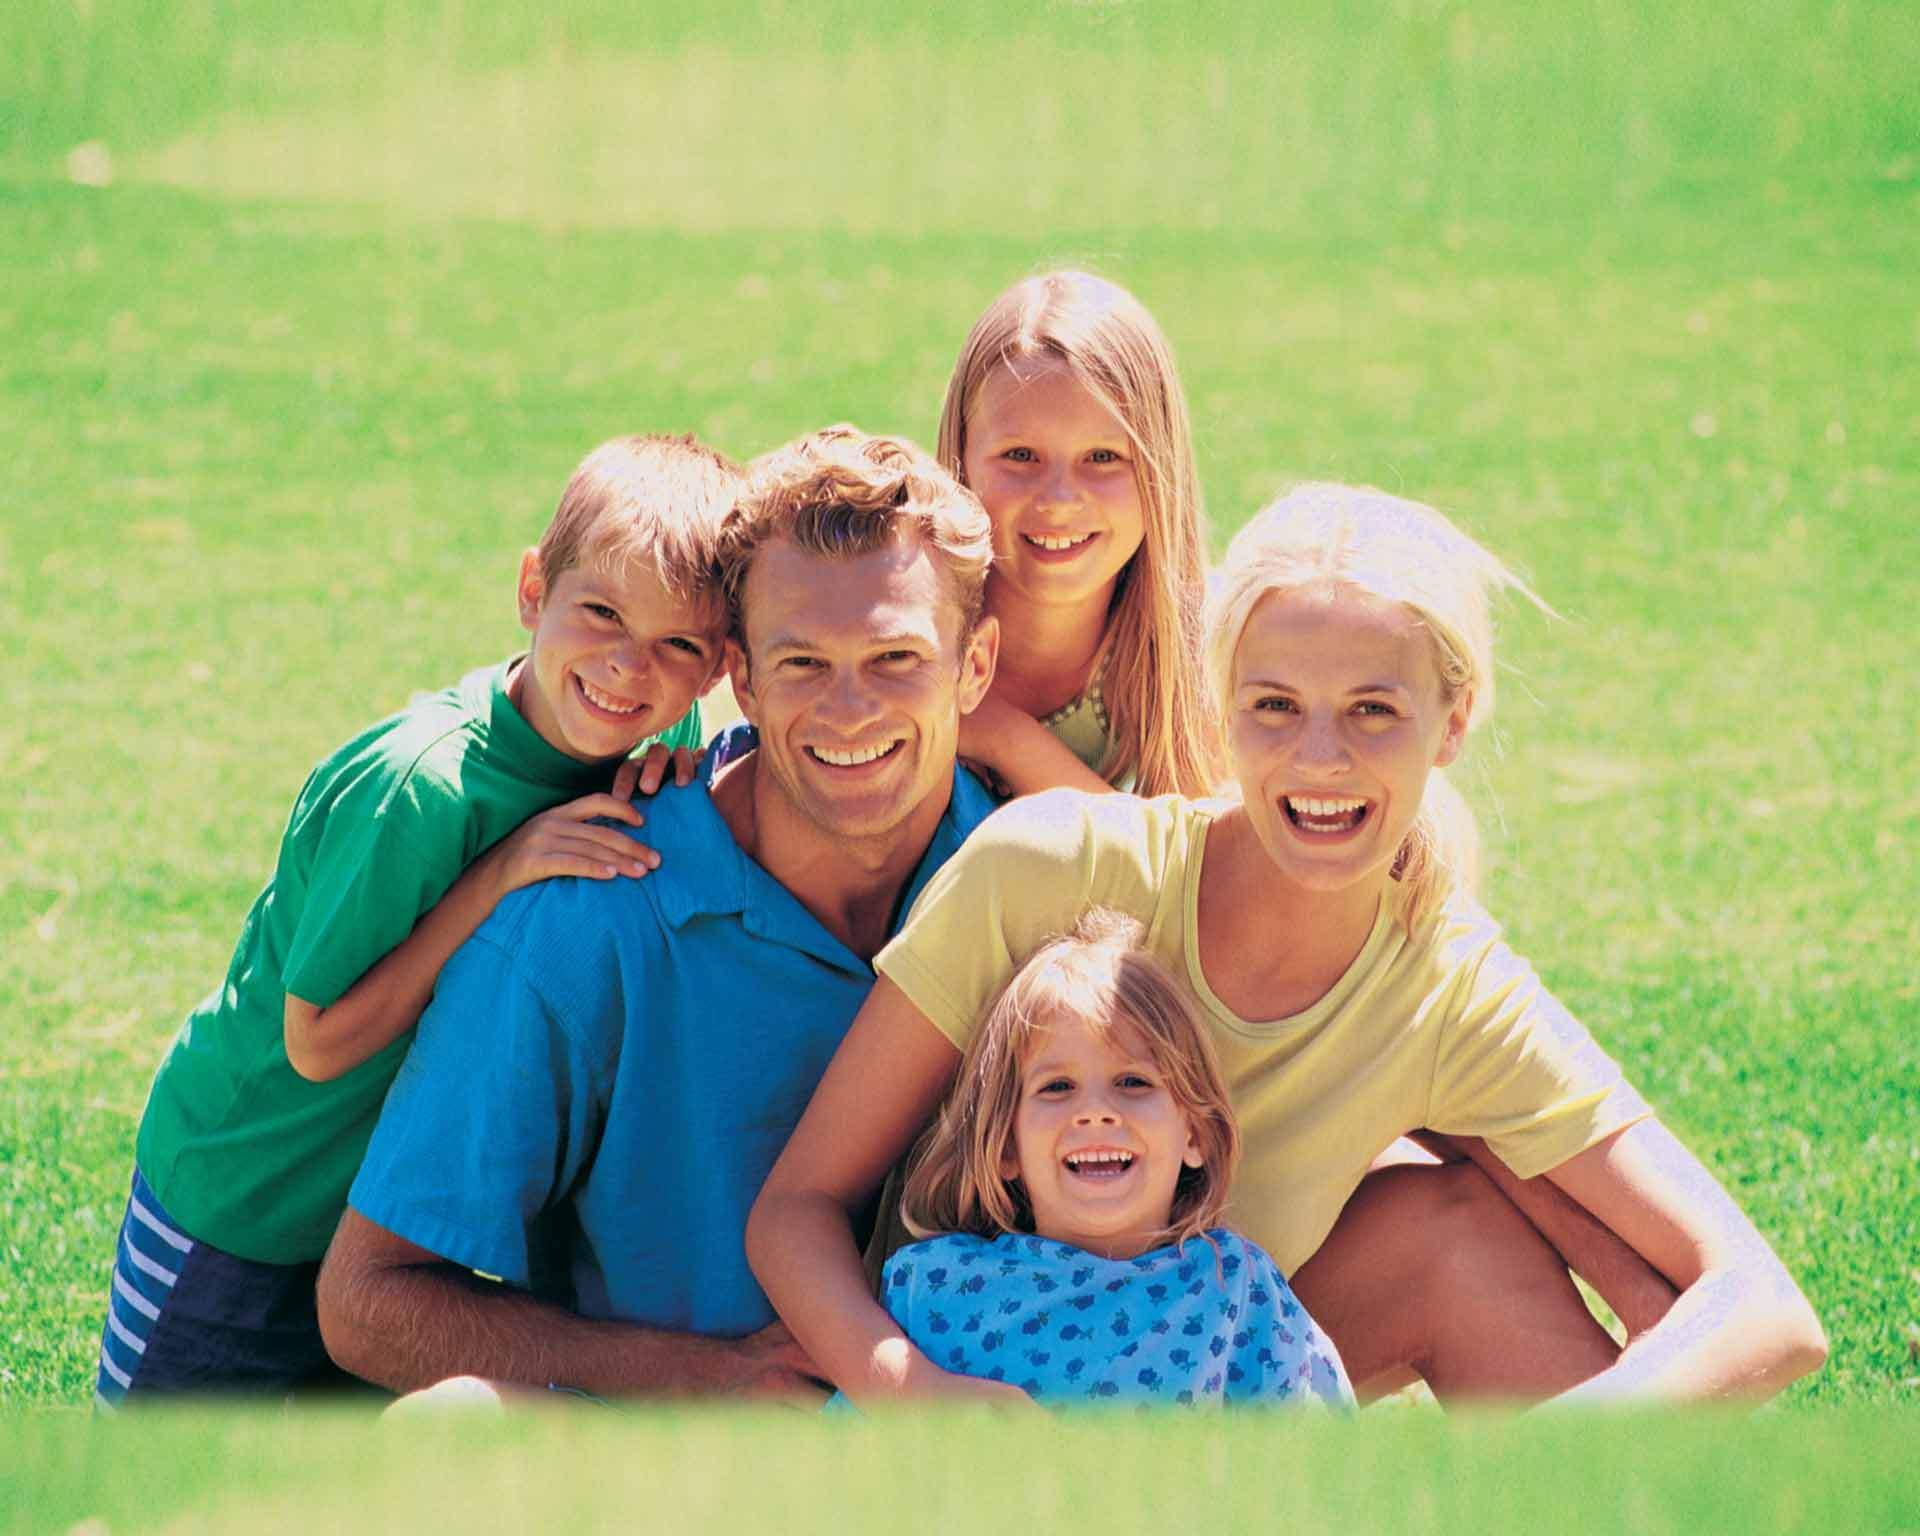 Джубилинг - cобственный семейный язык в семейной коммуникации